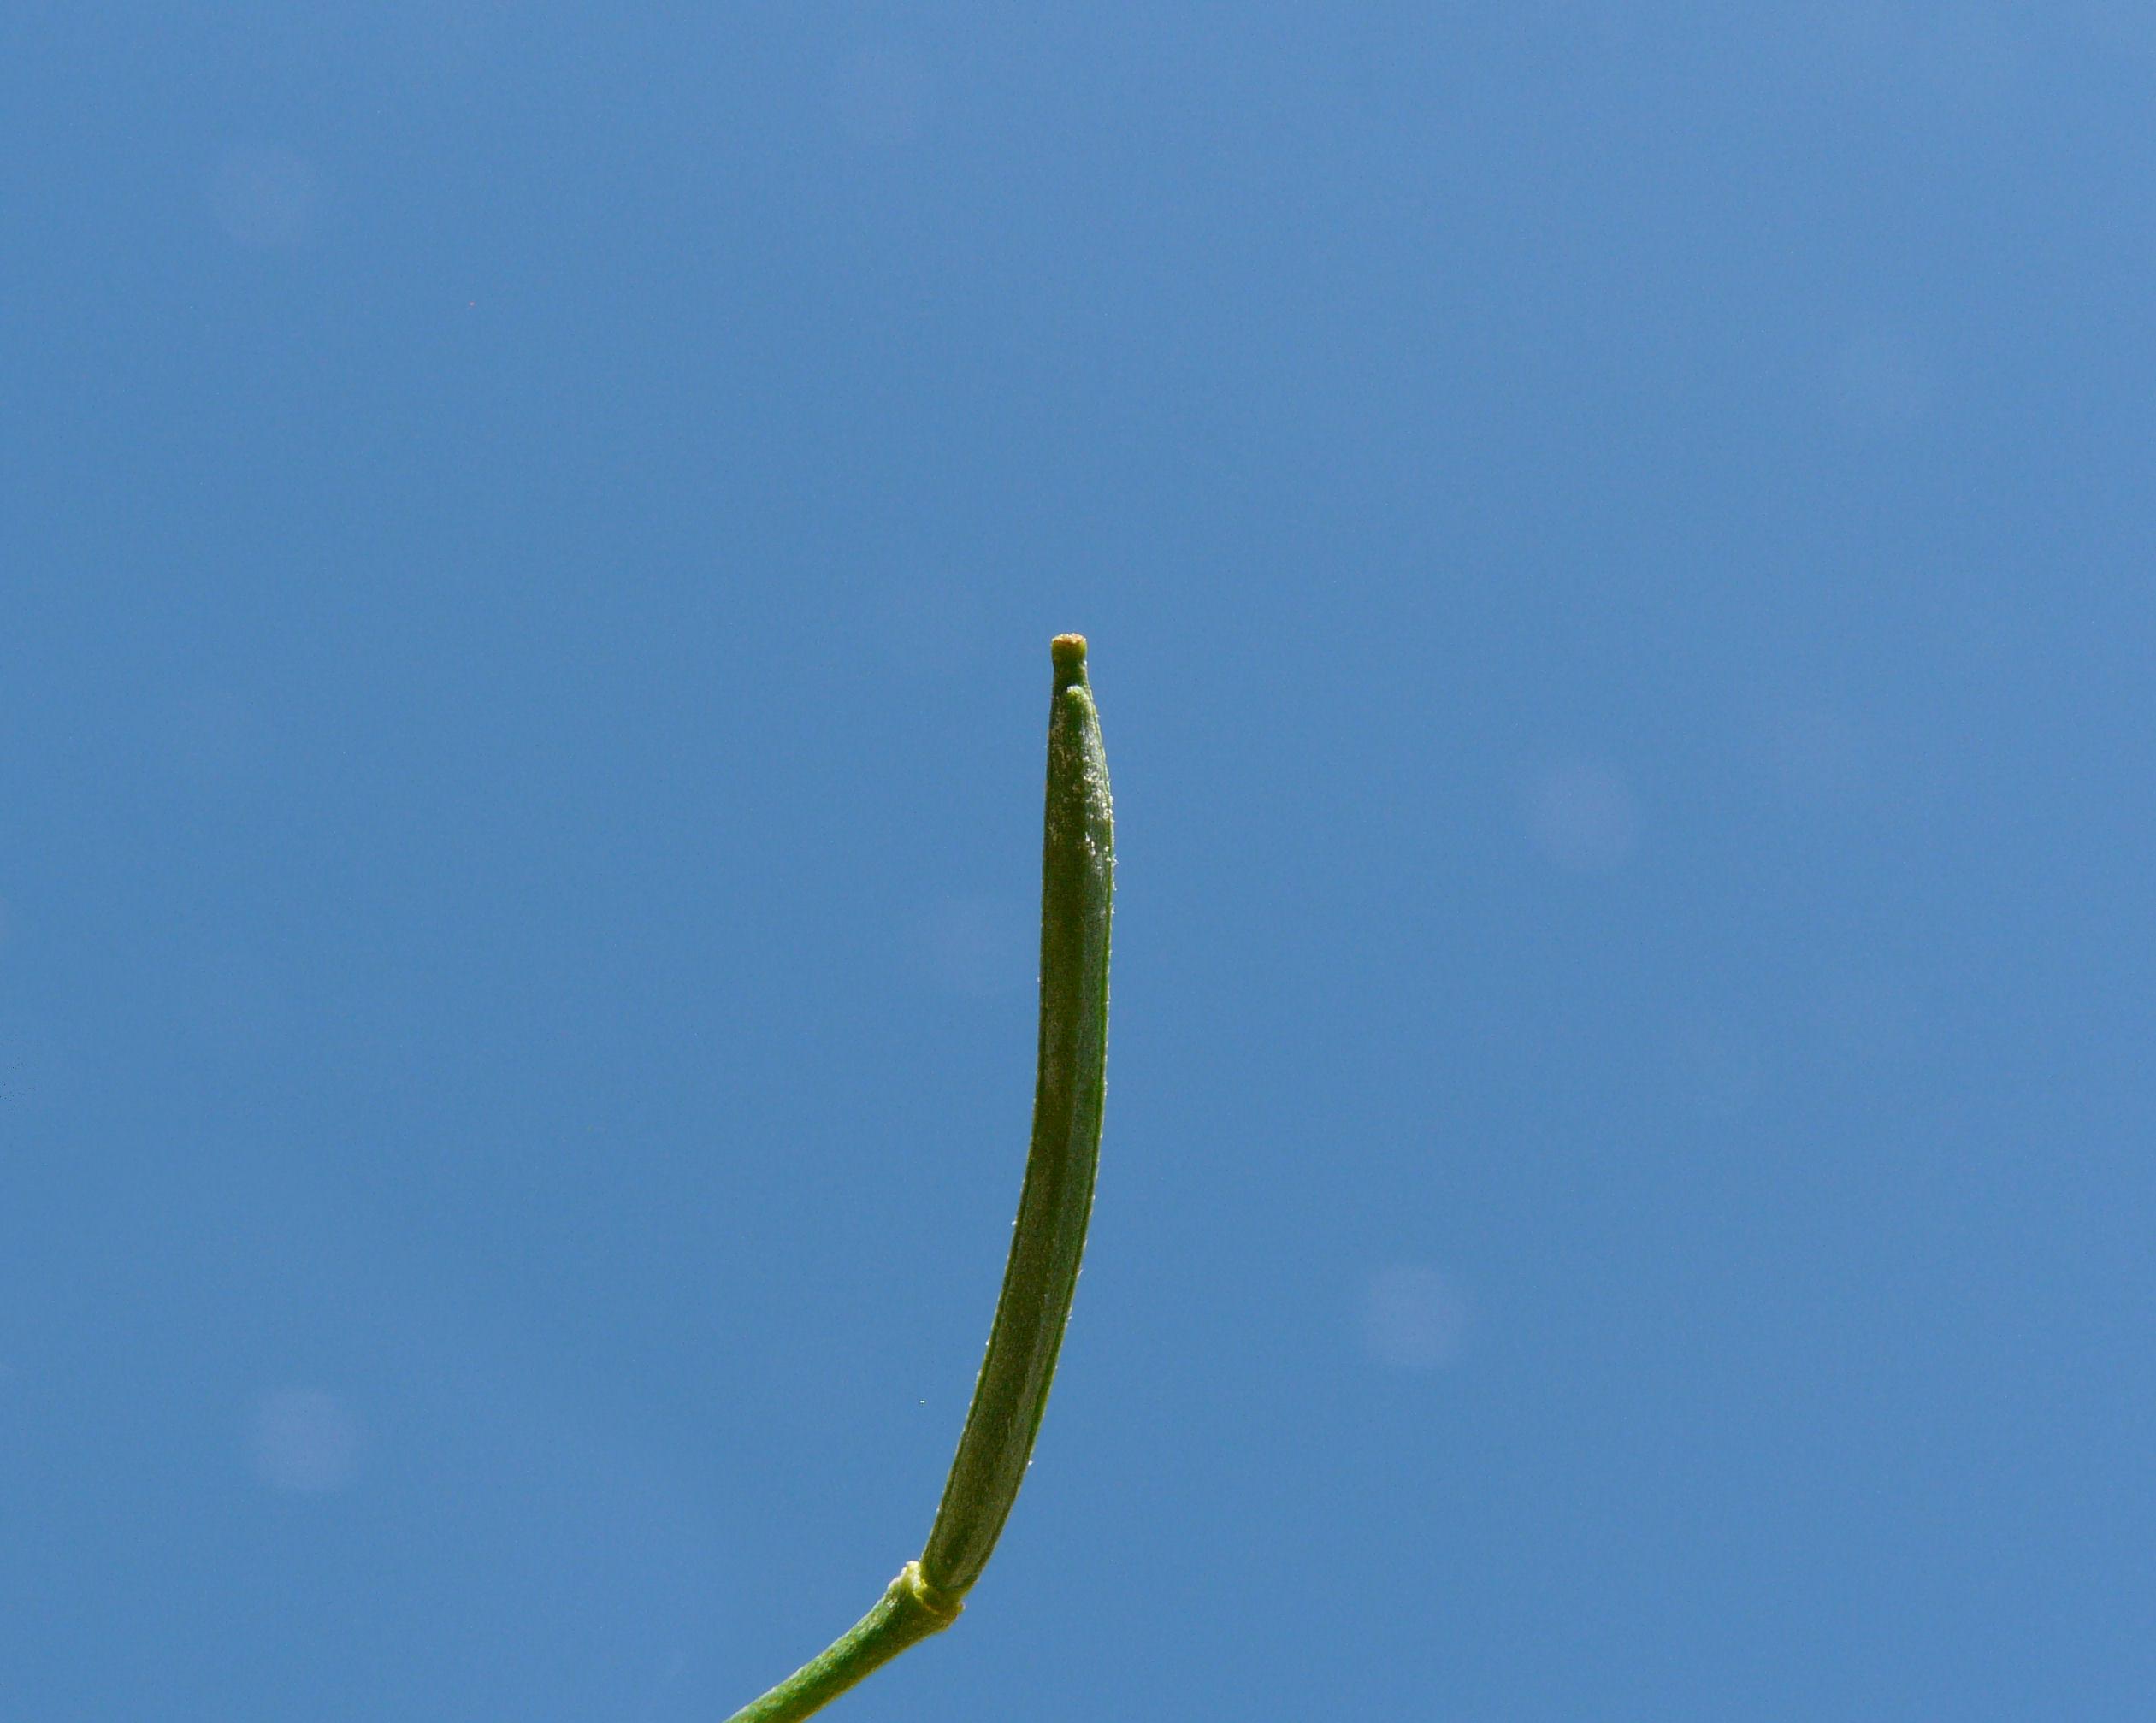 © Dipartimento di Scienze della Vita, Università degli Studi di Trieste<br>by Andrea Moro<br>Comune di Padova, Orto botanico dell'Università di Padova, PD, Veneto, Italia, 15/05/2011<br>Distributed under CC-BY-SA 4.0 license.